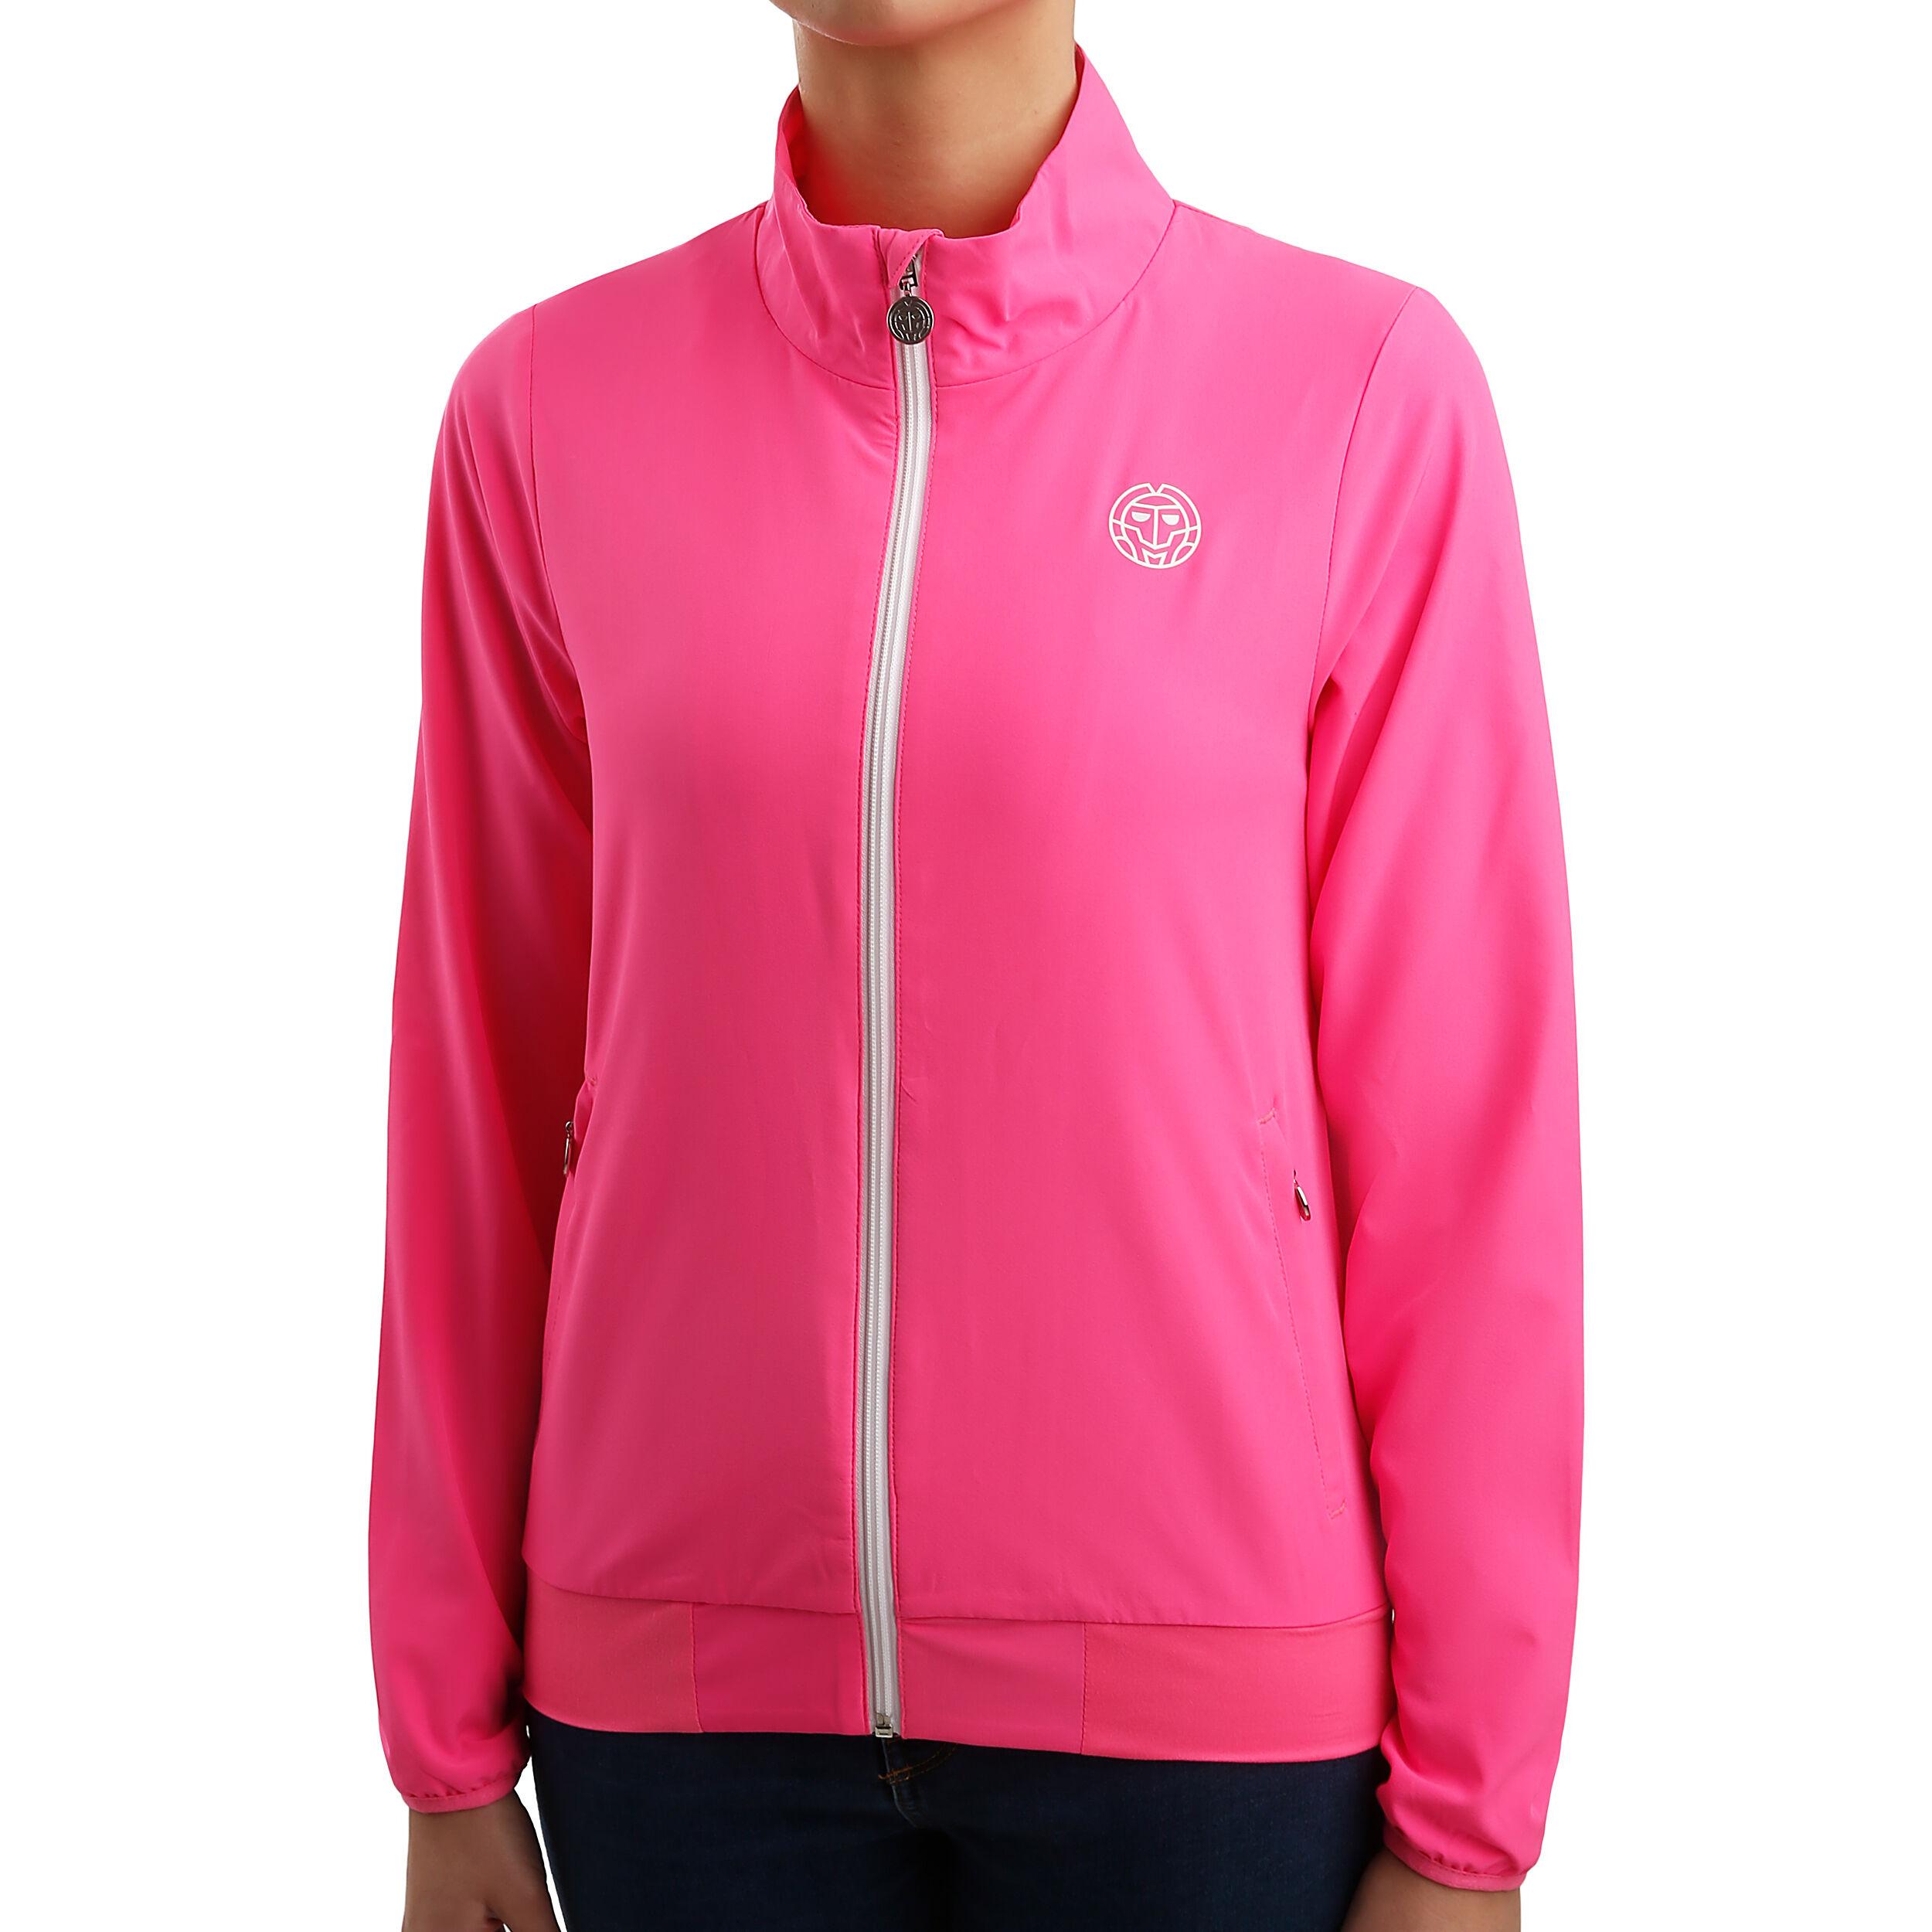 BIDI BADU Gene Tech Trainingsjacke Damen Pink, Weiß online